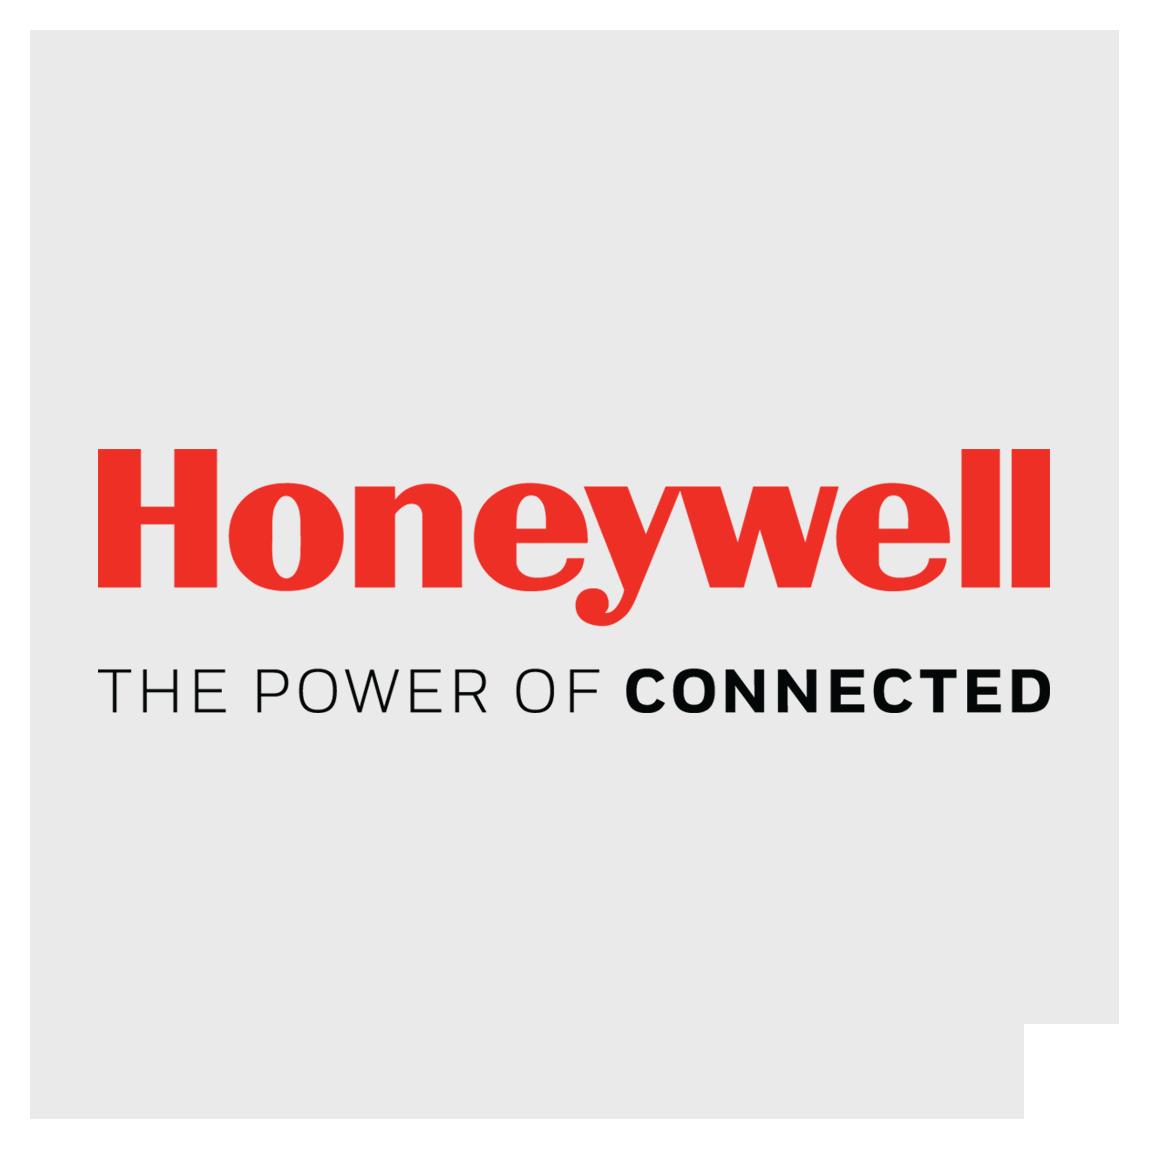 http://walterscontrols.net/wp-content/uploads/2020/01/honeywell.png